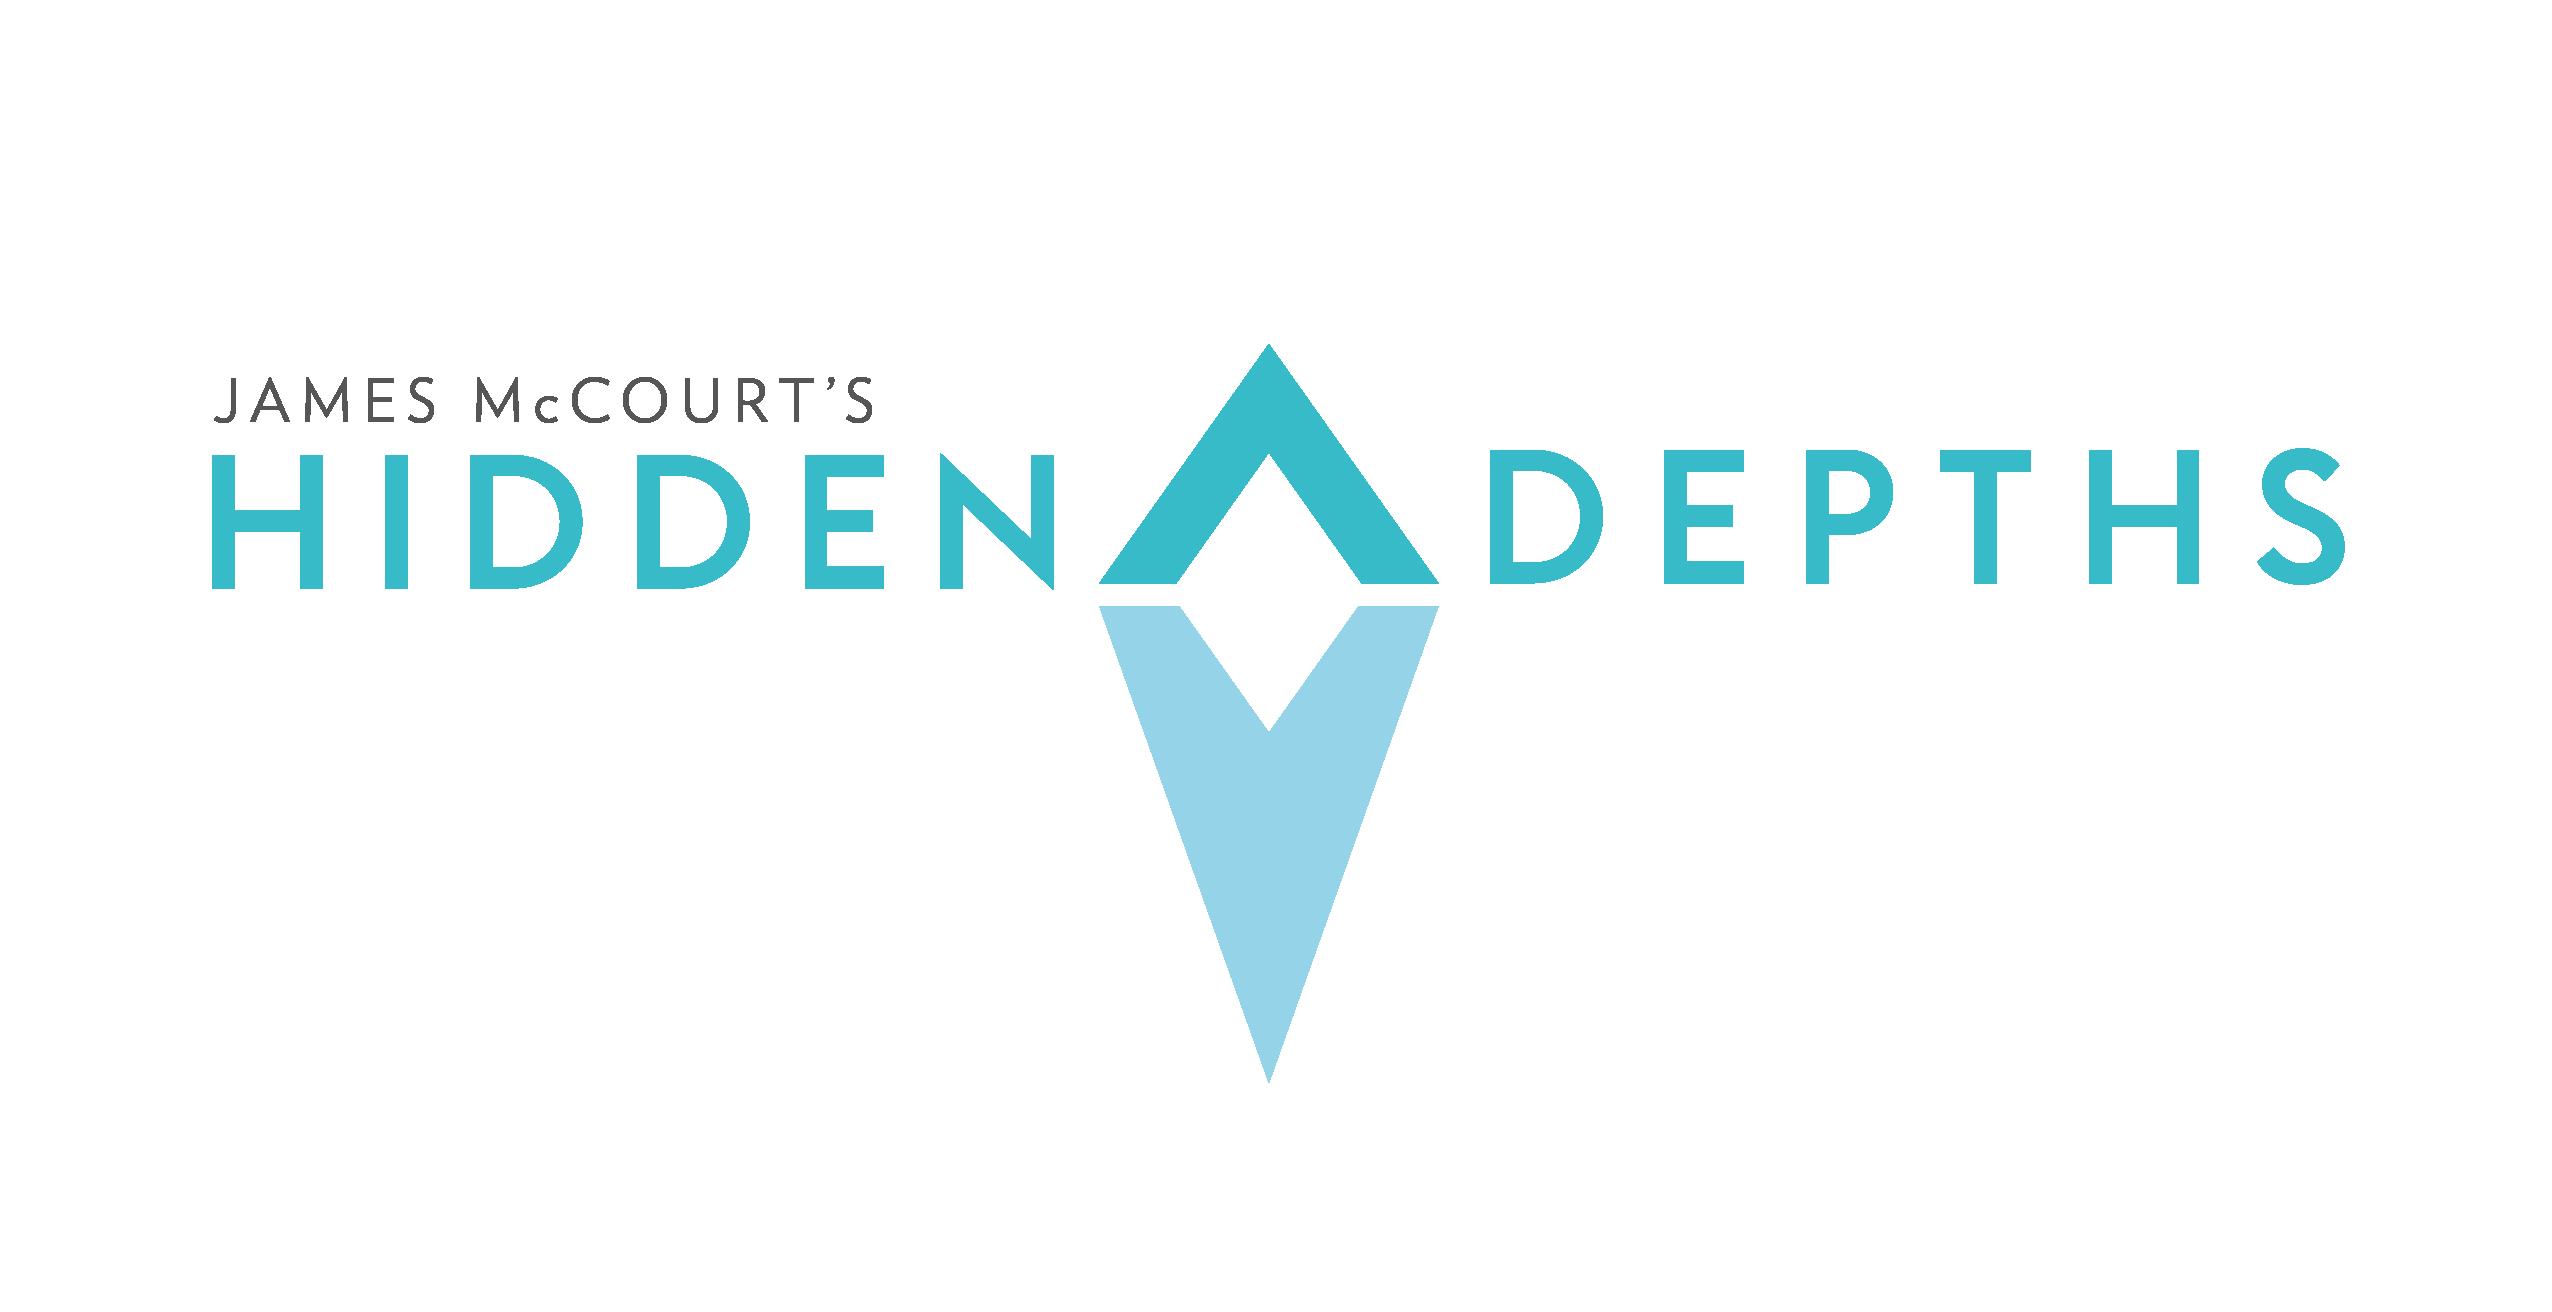 James McCourt Hidden Depths logo